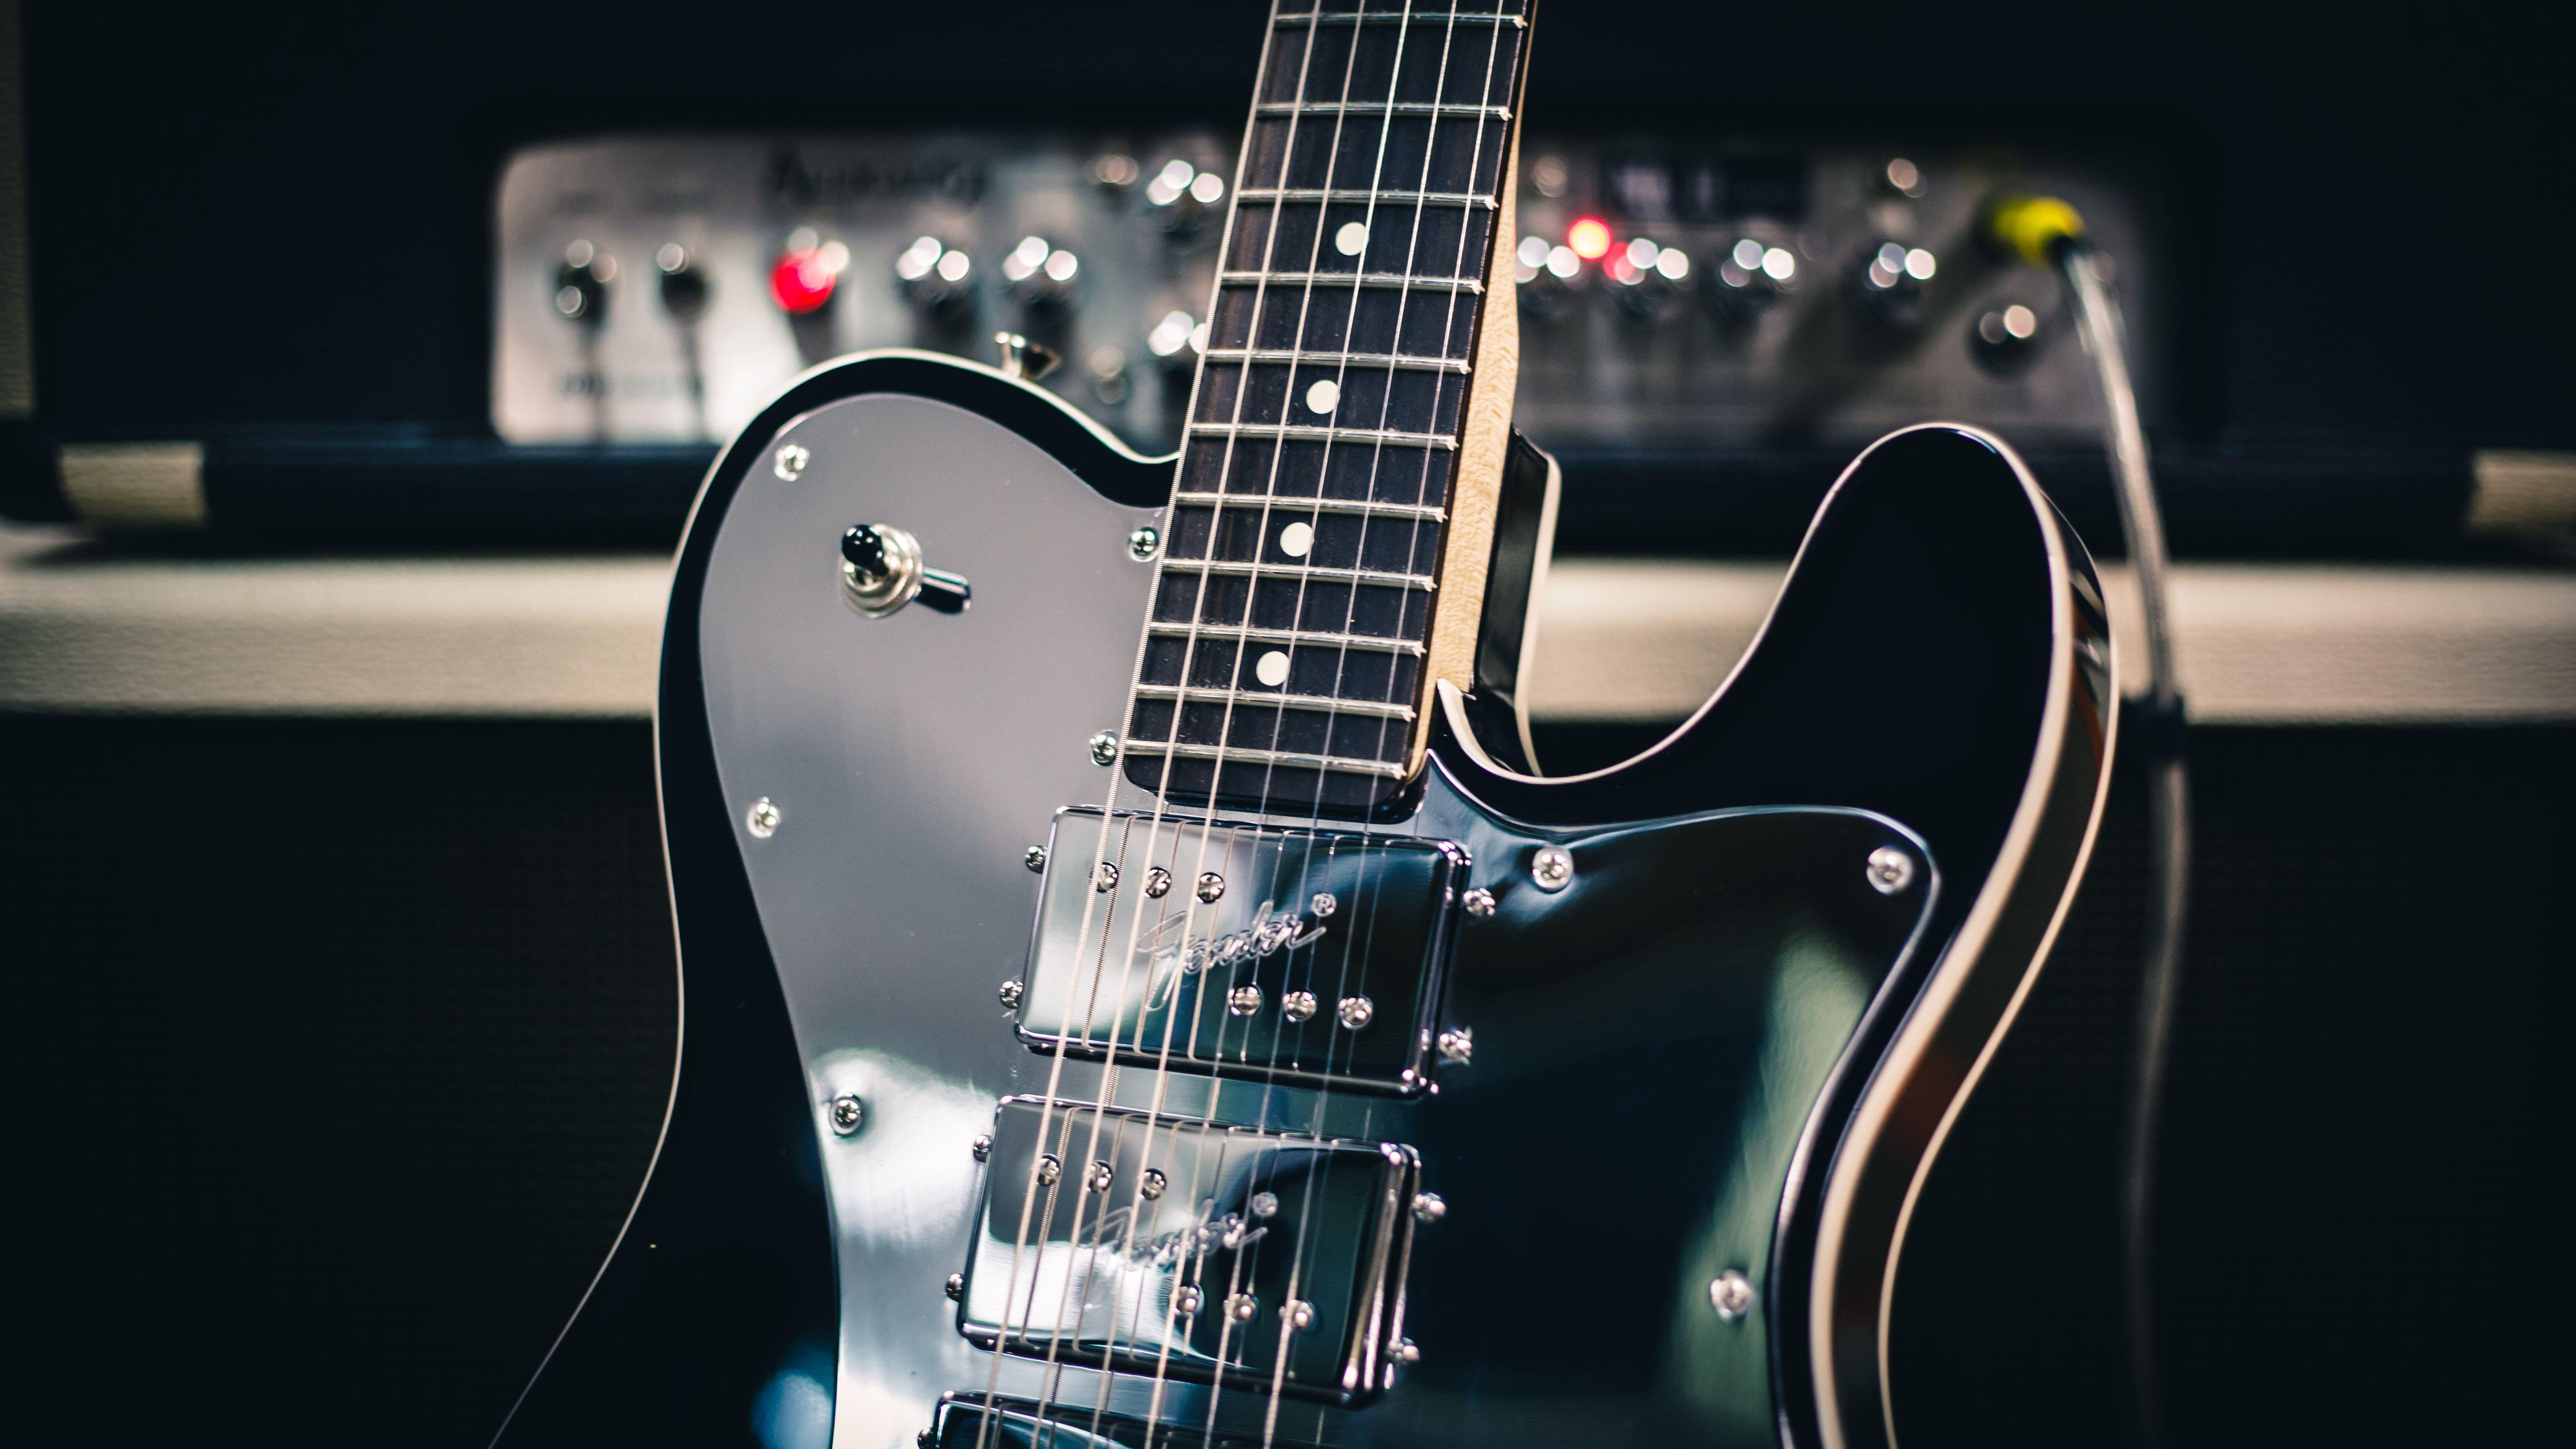 Fender Telecaster [169] [5531x3111]